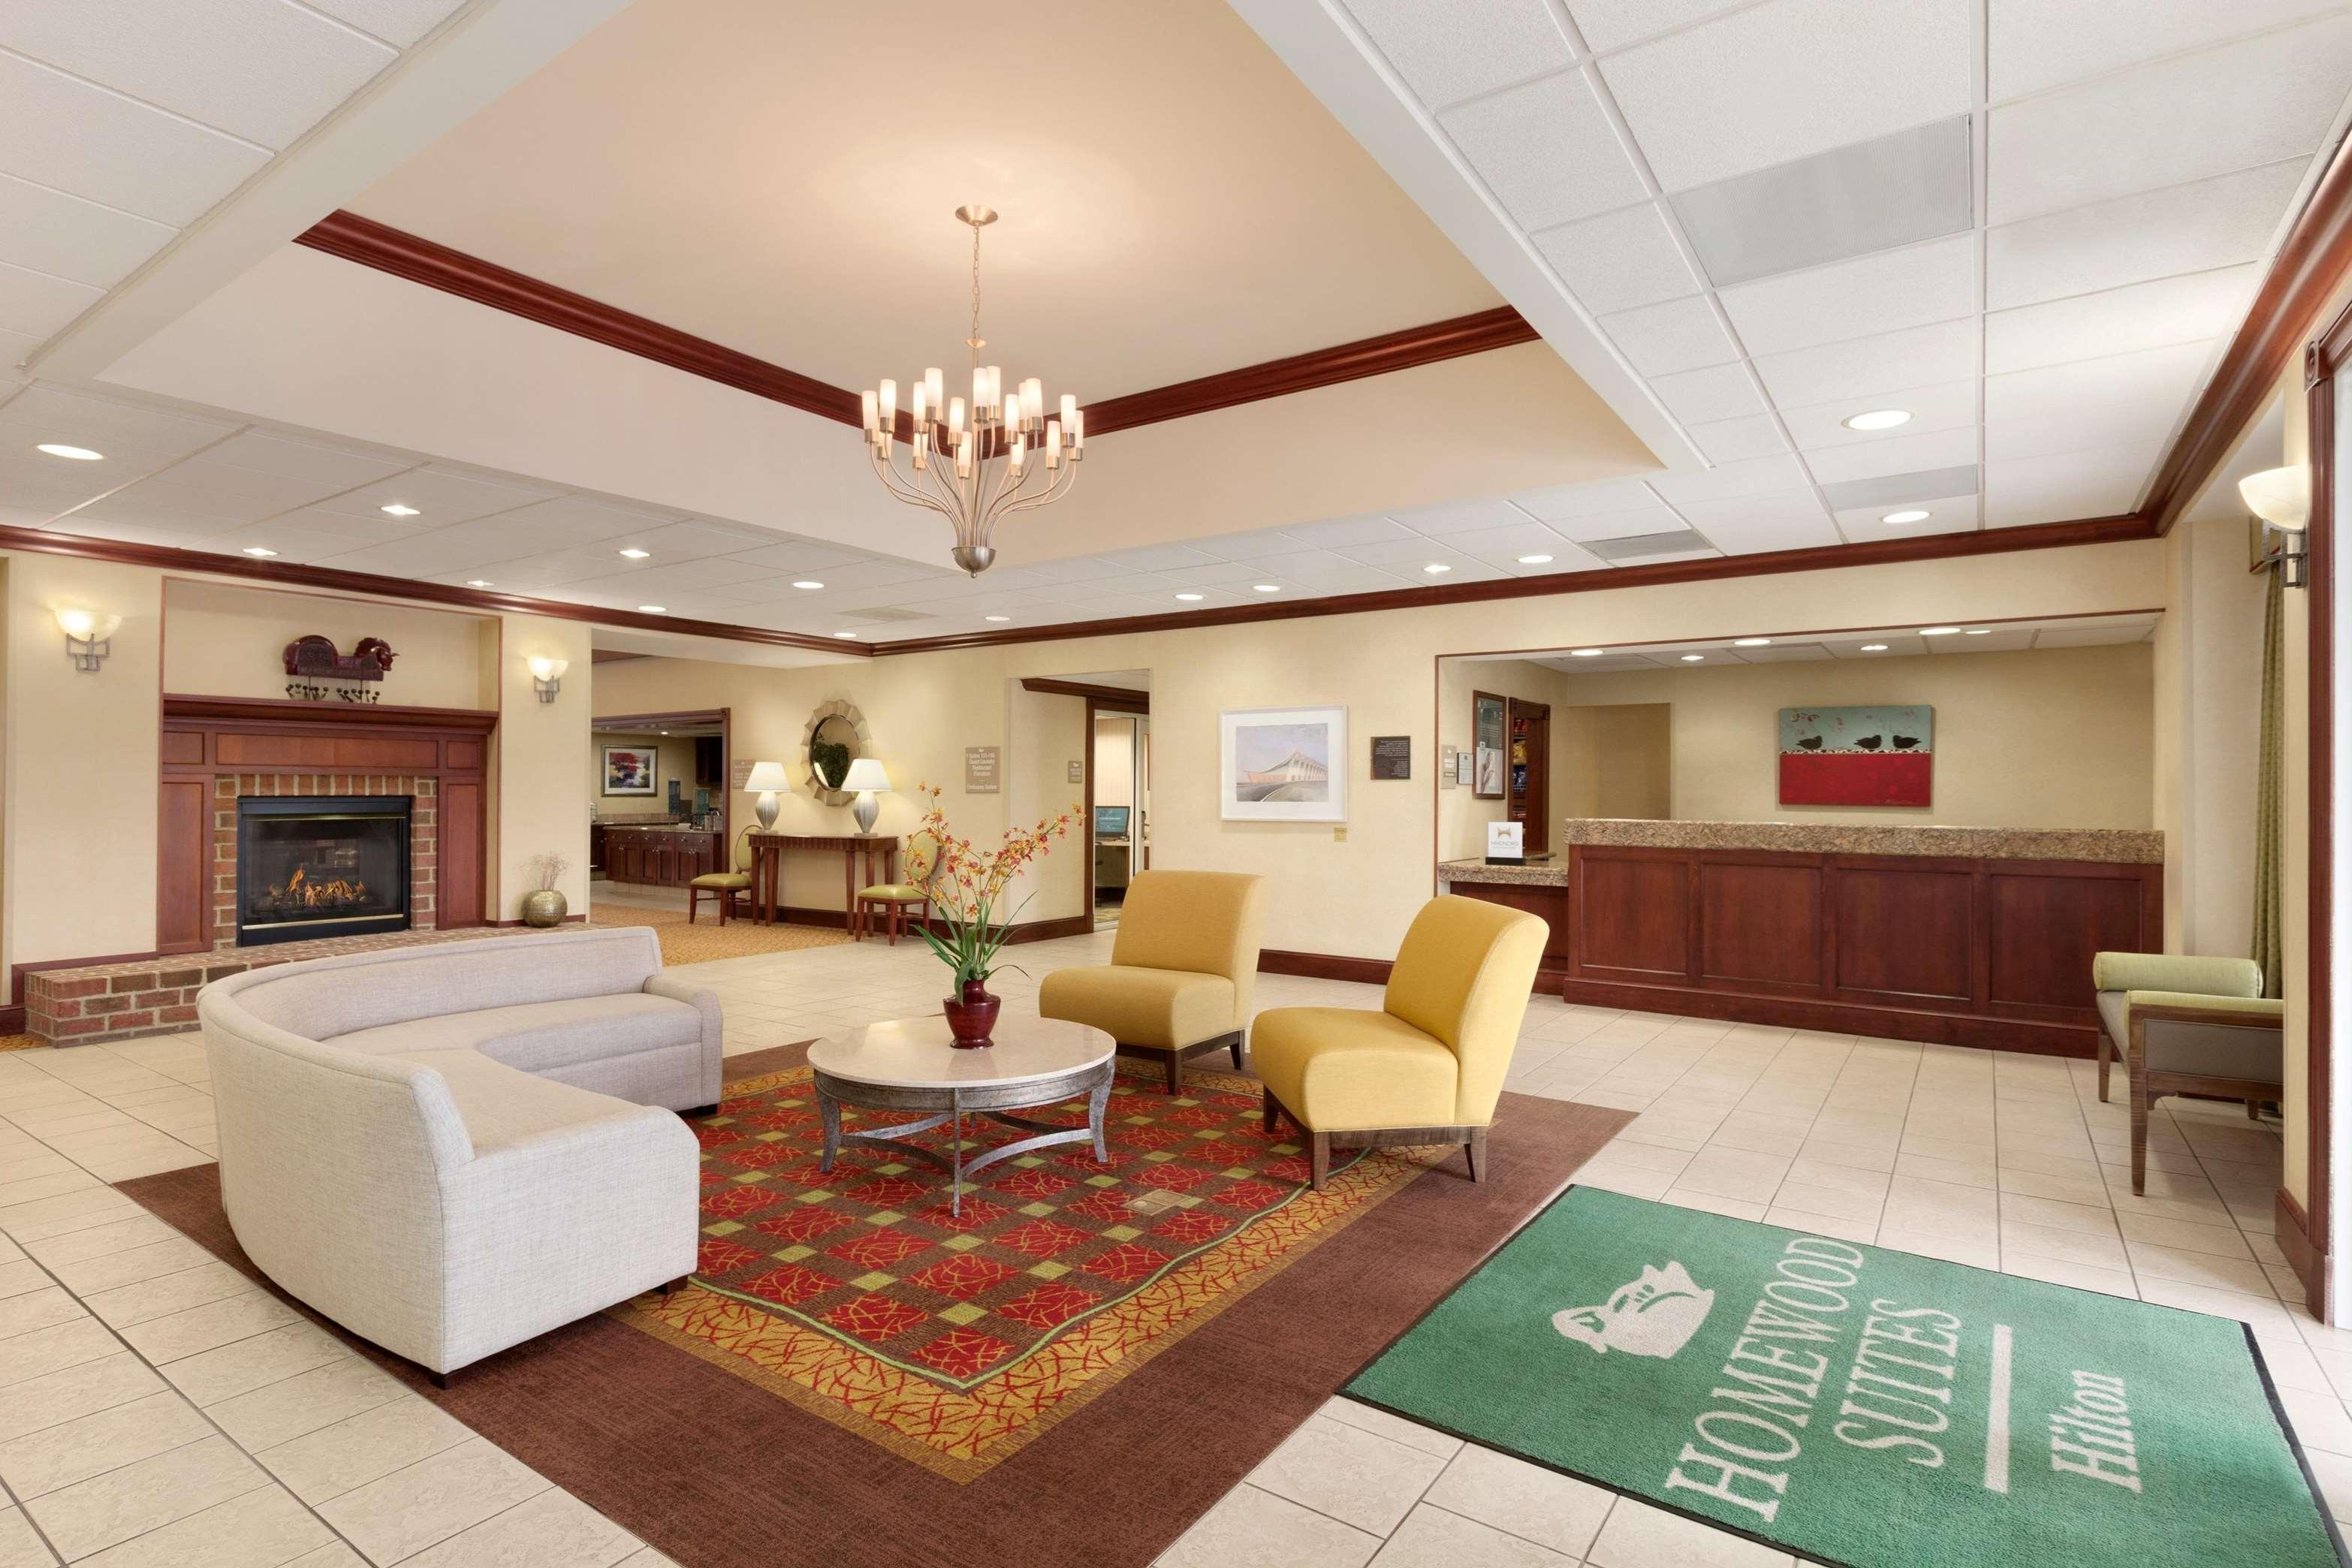 Homewood Suites by Hilton Dulles-North/Loudoun image 21